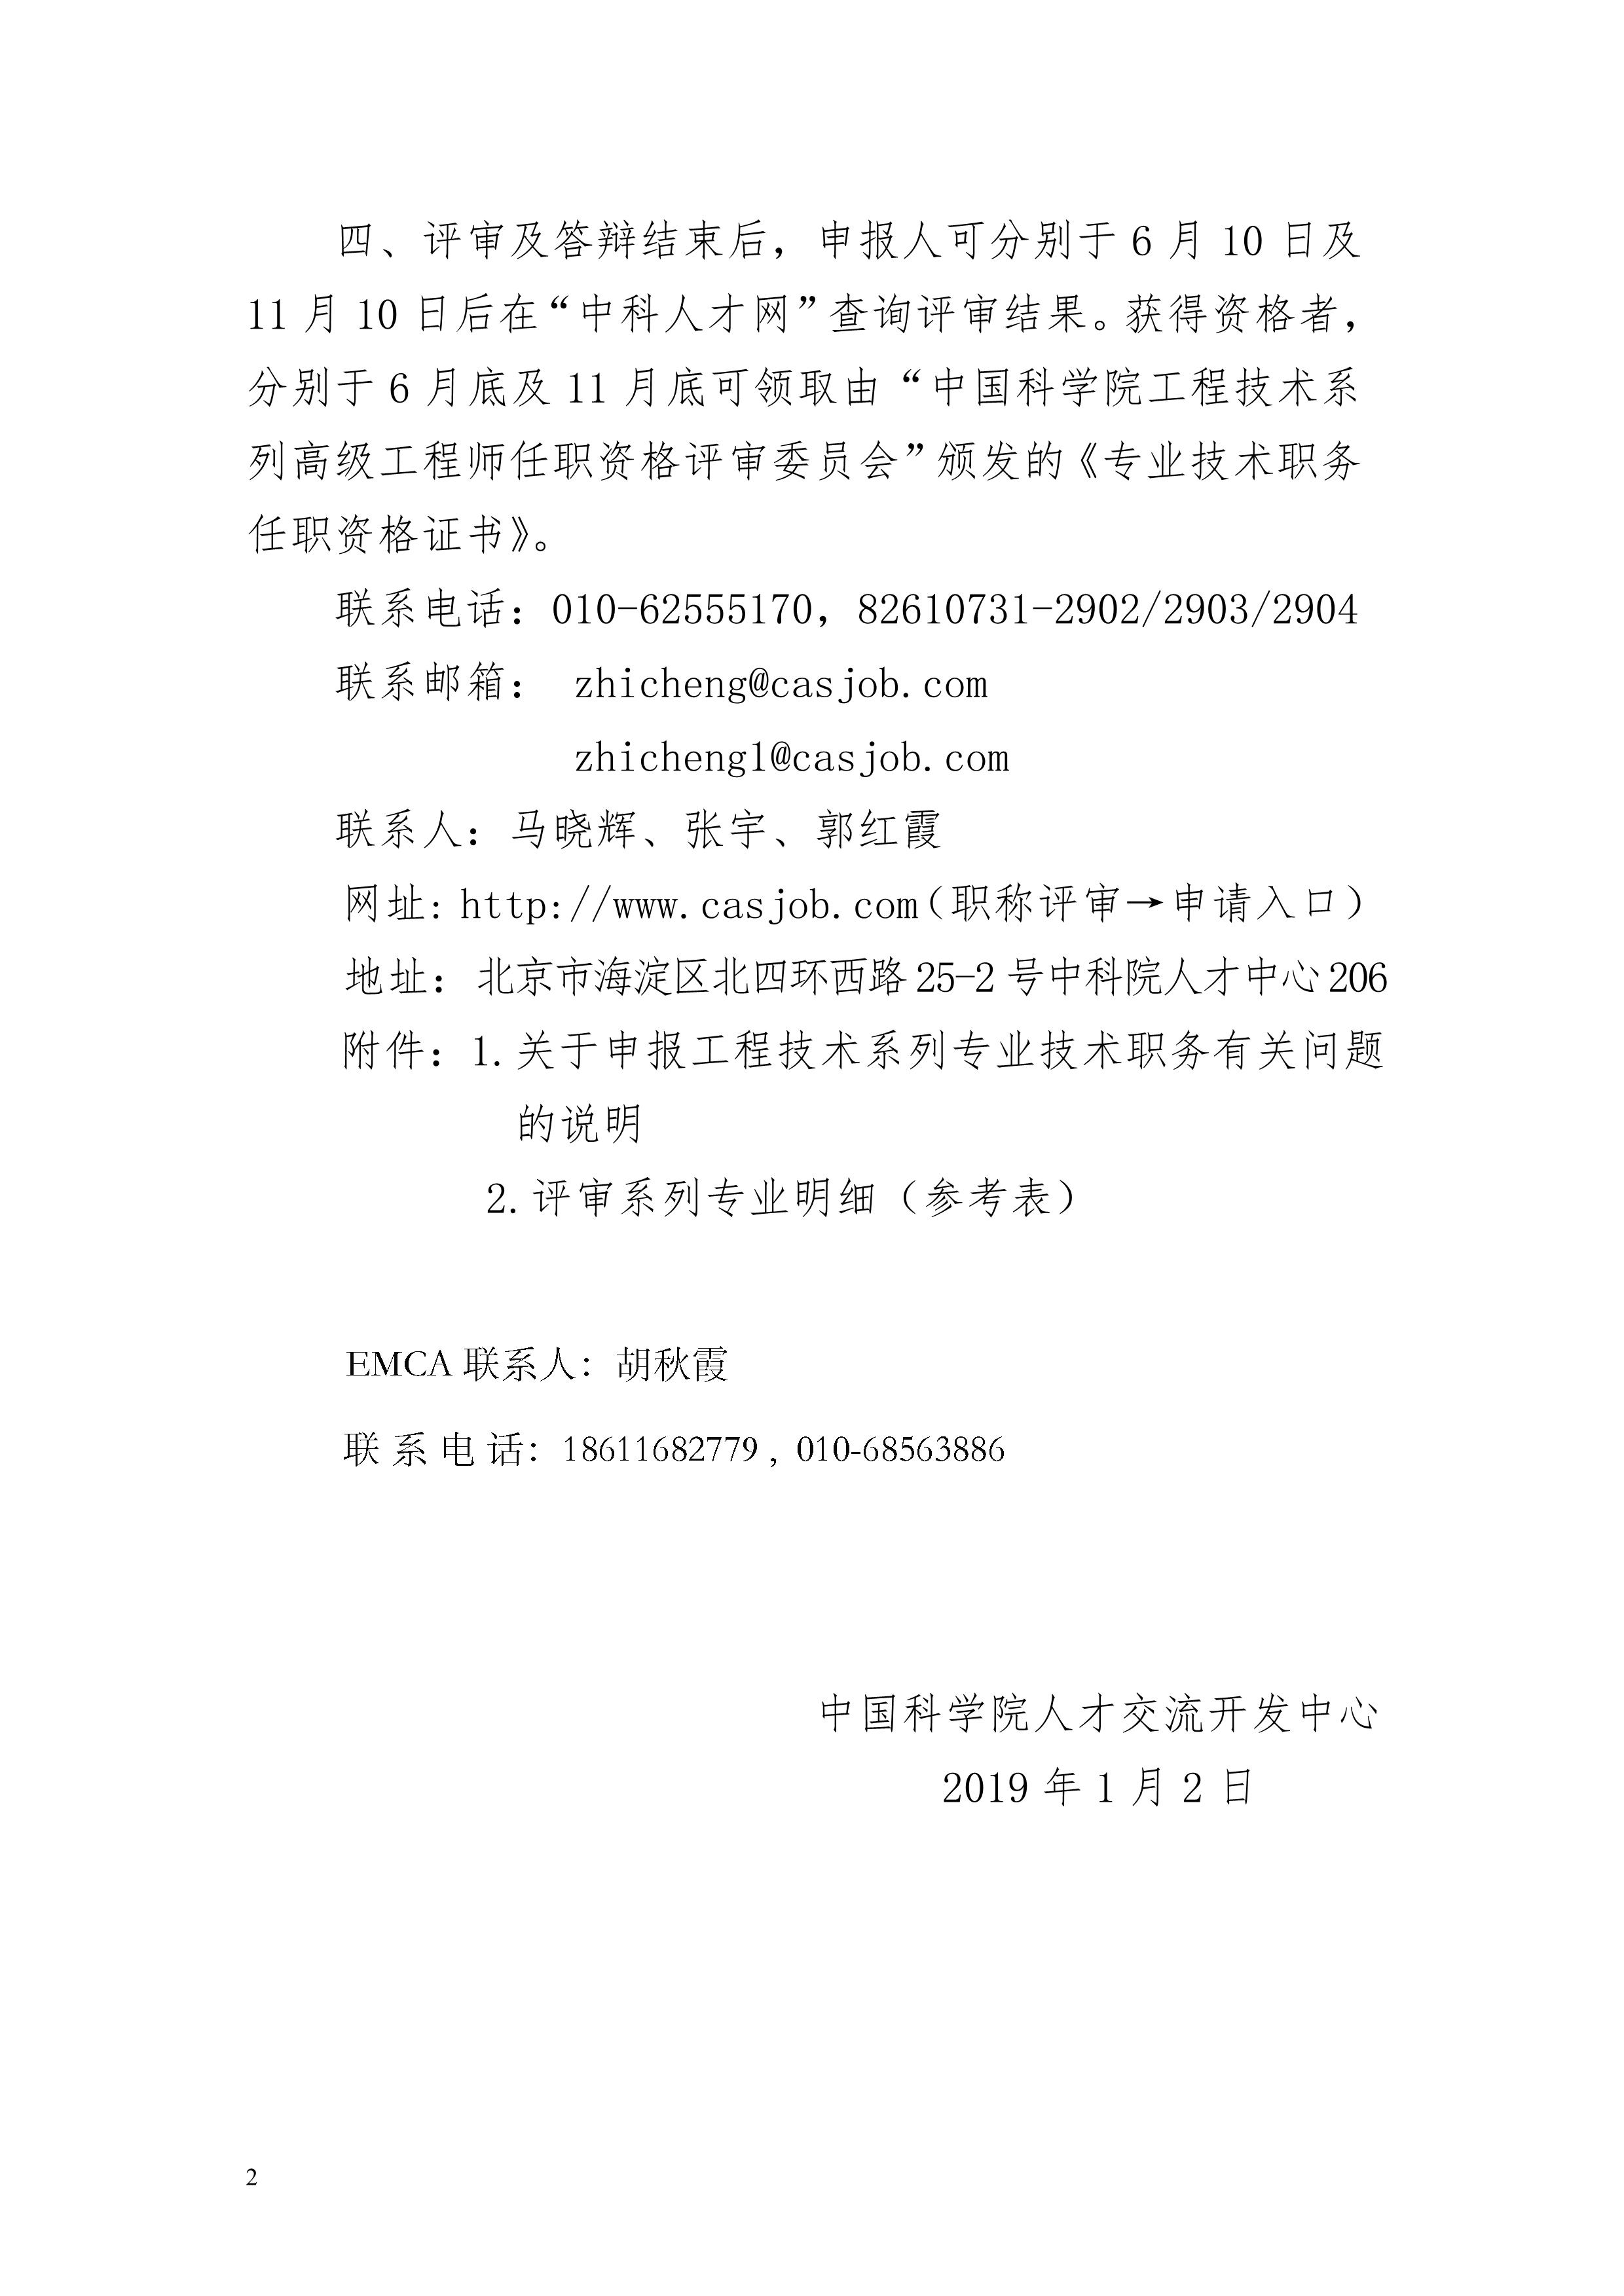 2019年职称文件(1)_2.jpg